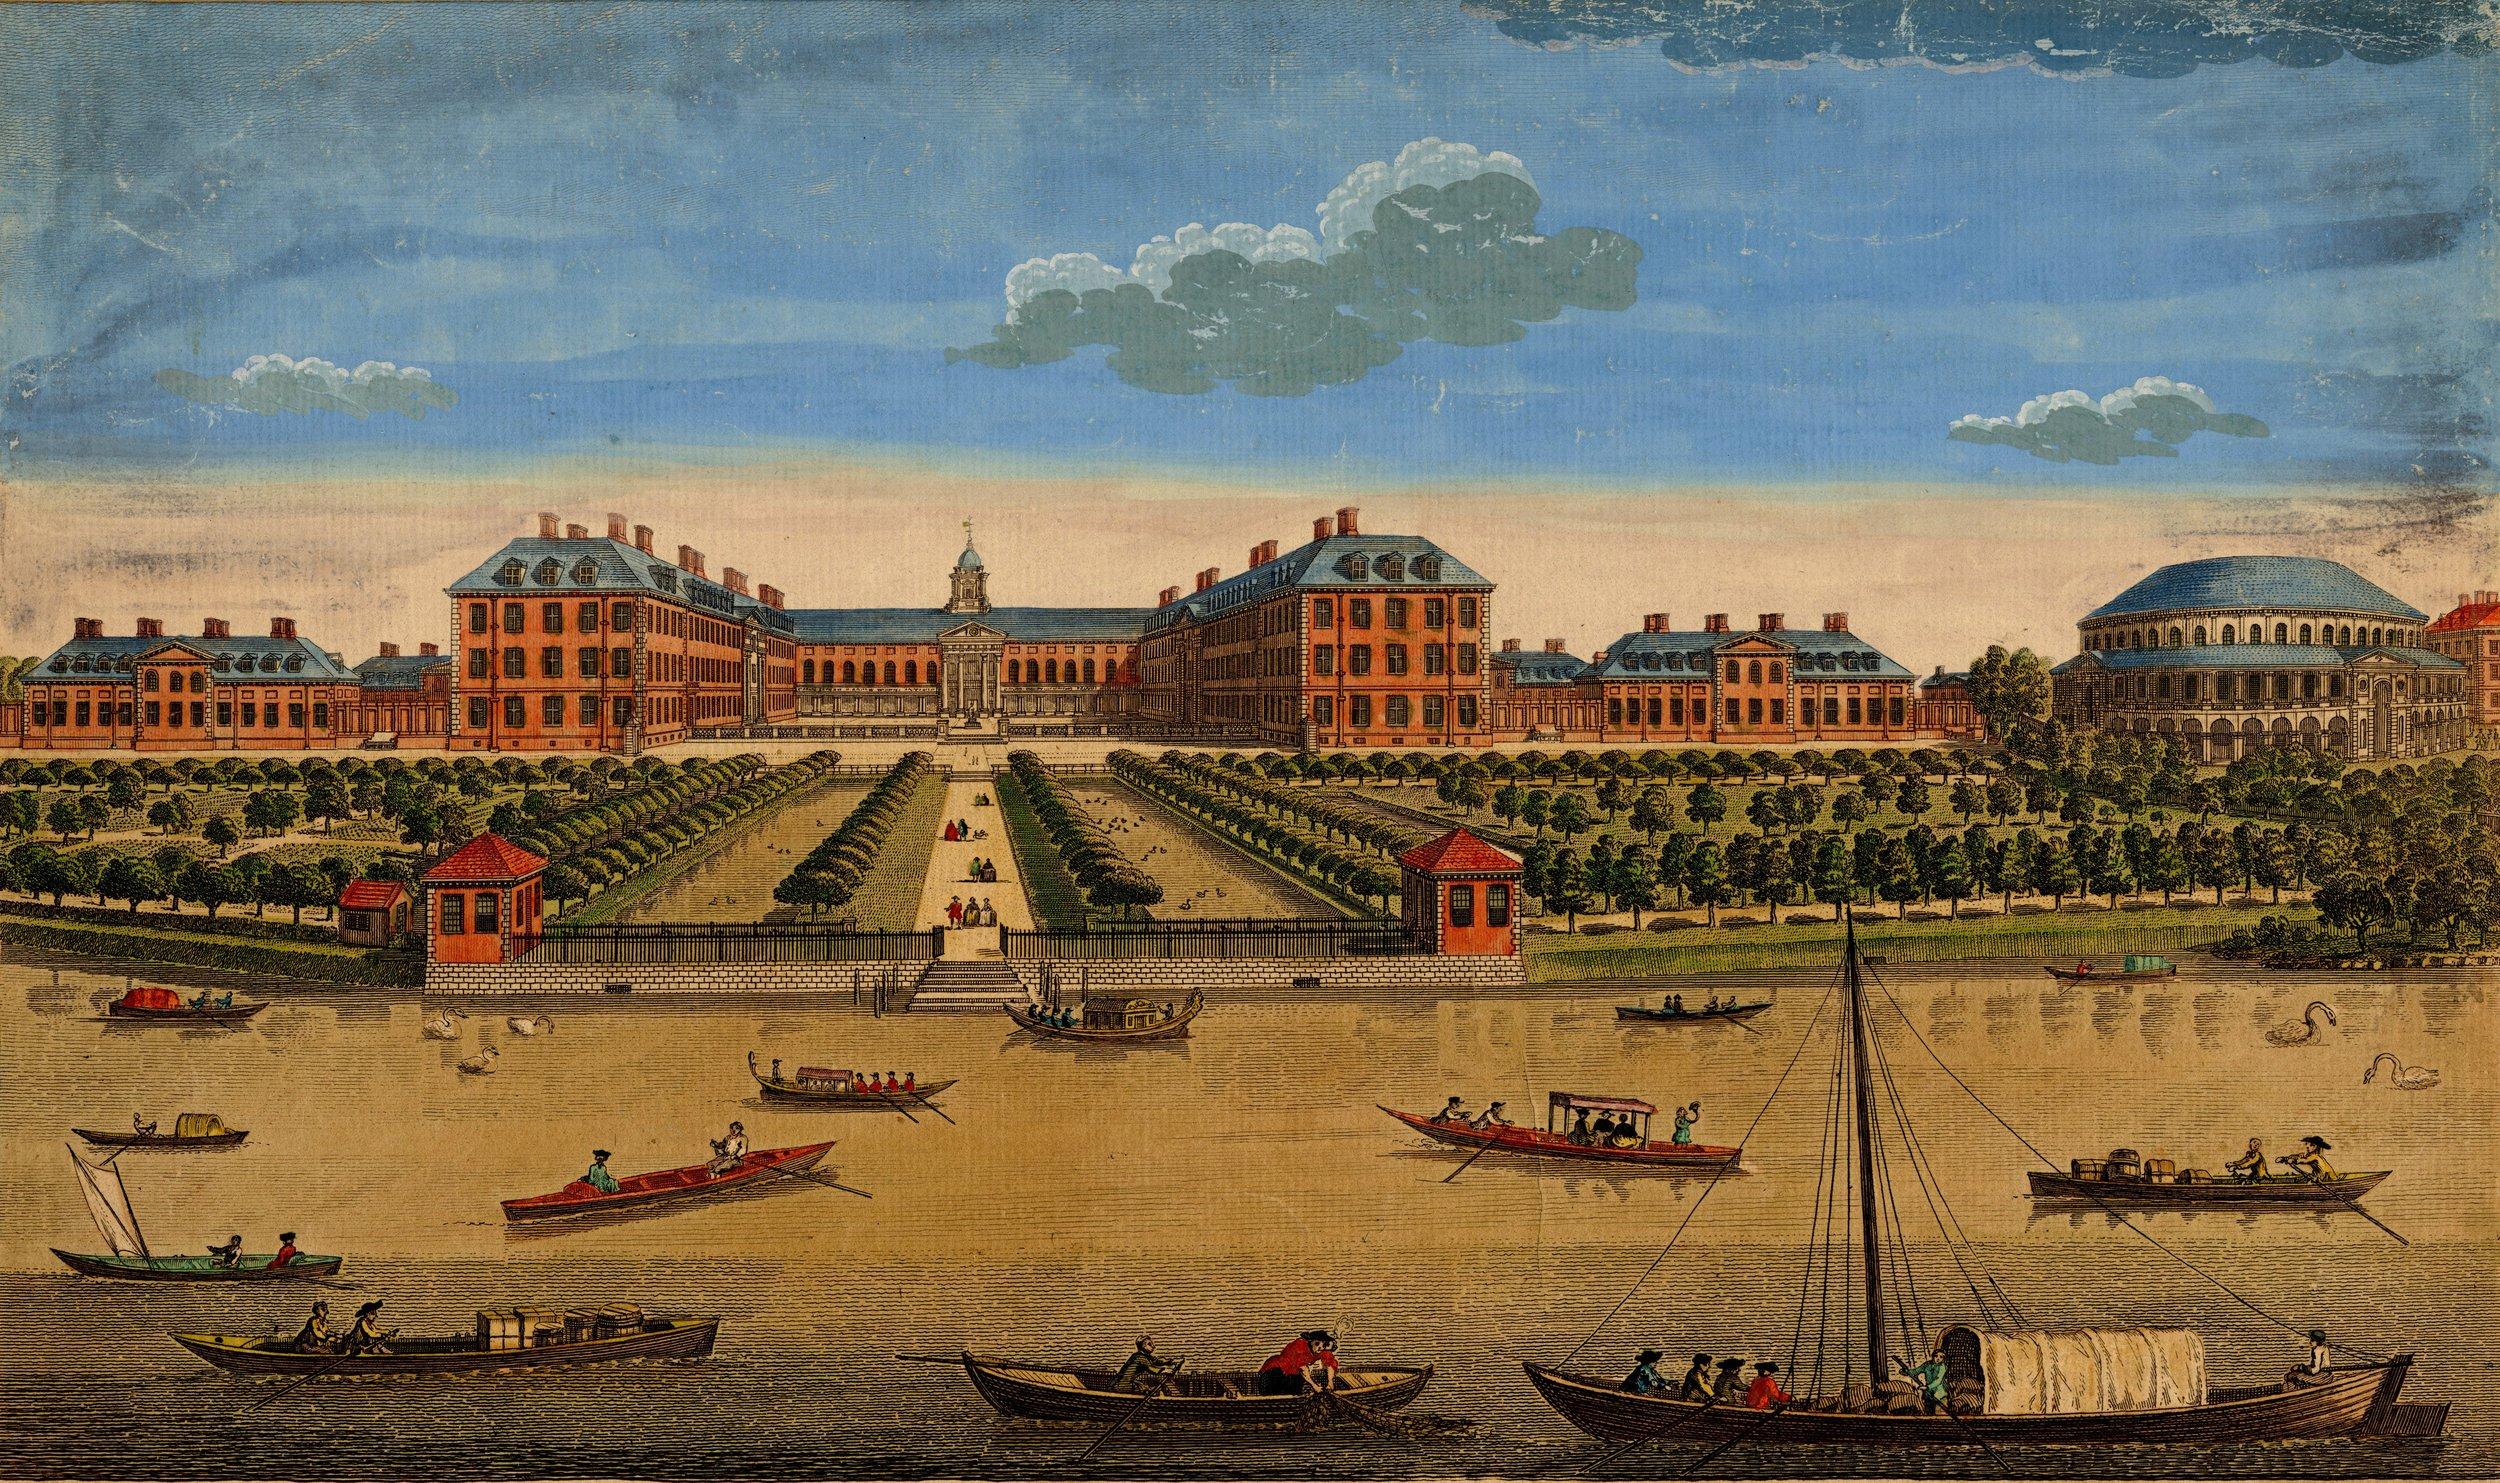 Royal Hospital and Rotunda C505.JPG